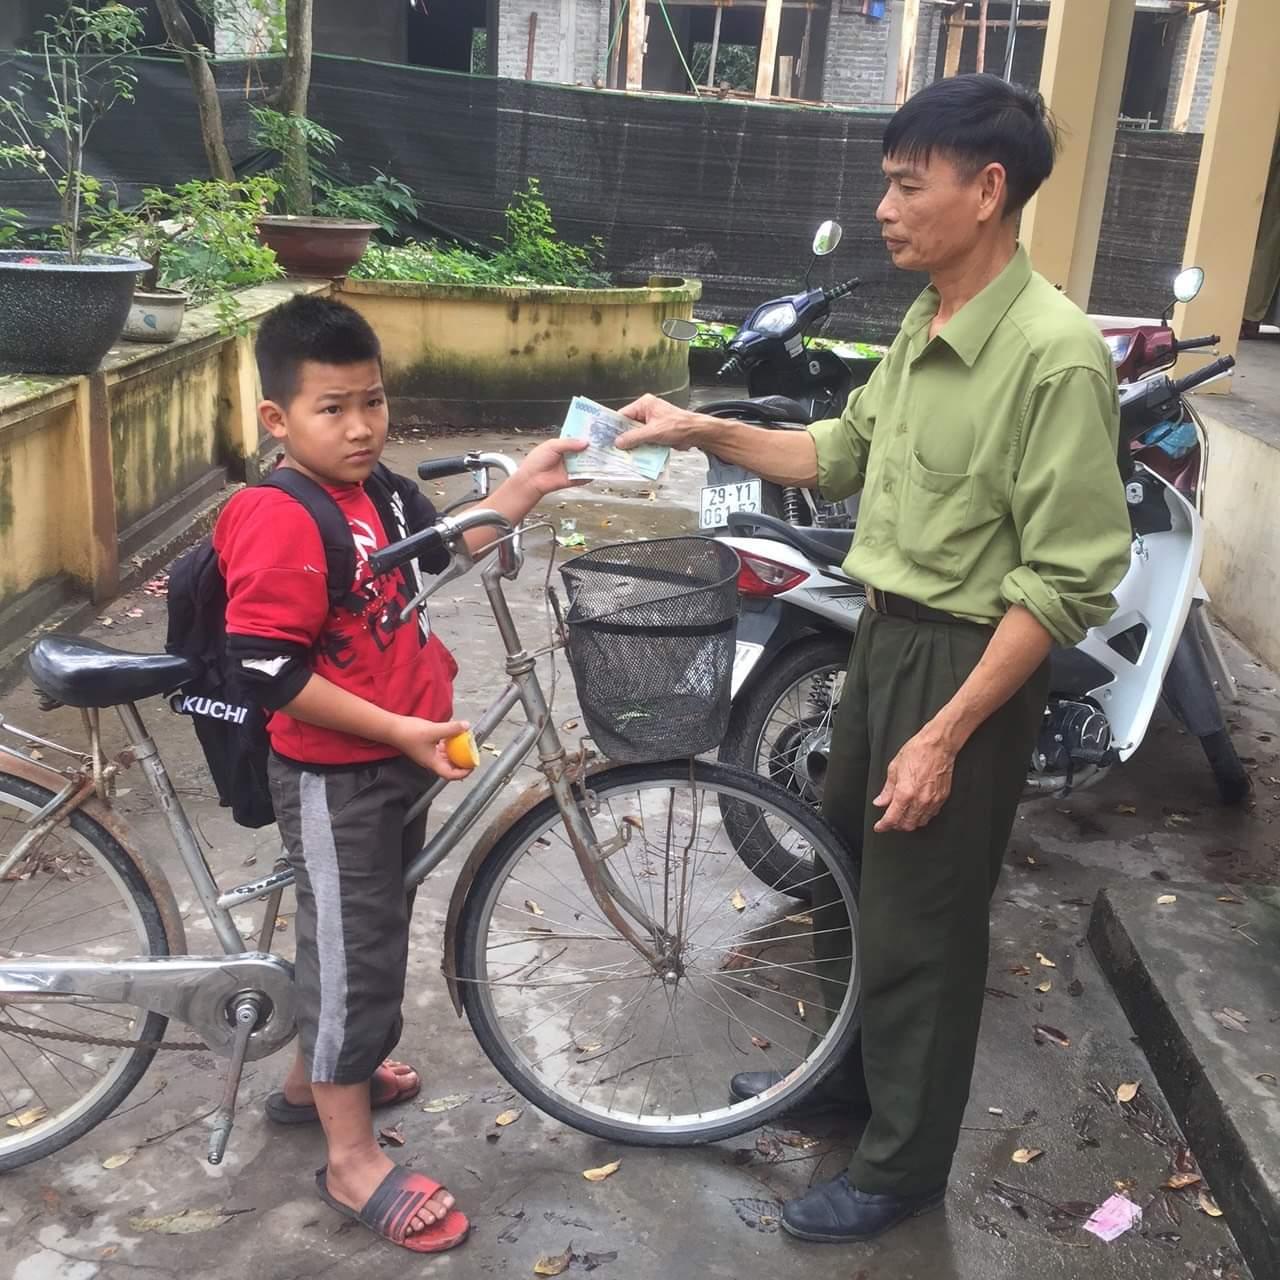 Nhặt được tiền trên đường đến lớp, nam sinh lớp 4 đạp xe lên xã nhờ trả lại - hình ảnh 1